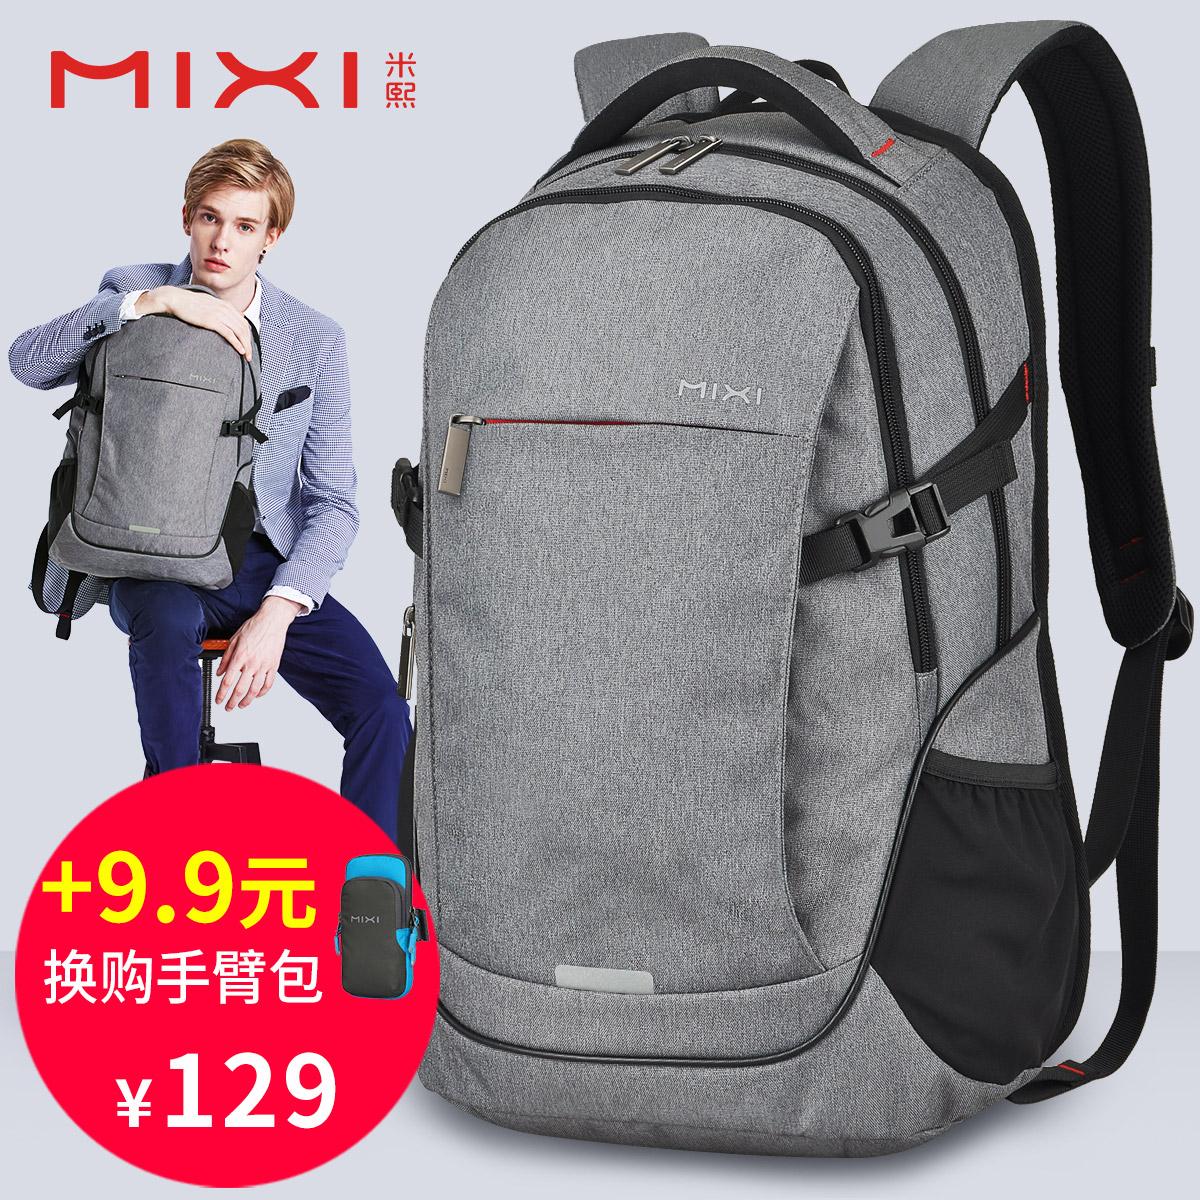 Метр яркий рюкзак мужчина рюкзак мужской большой потенциал студент портфель случайный бизнес компьютер пакет женщина путешествие сумка